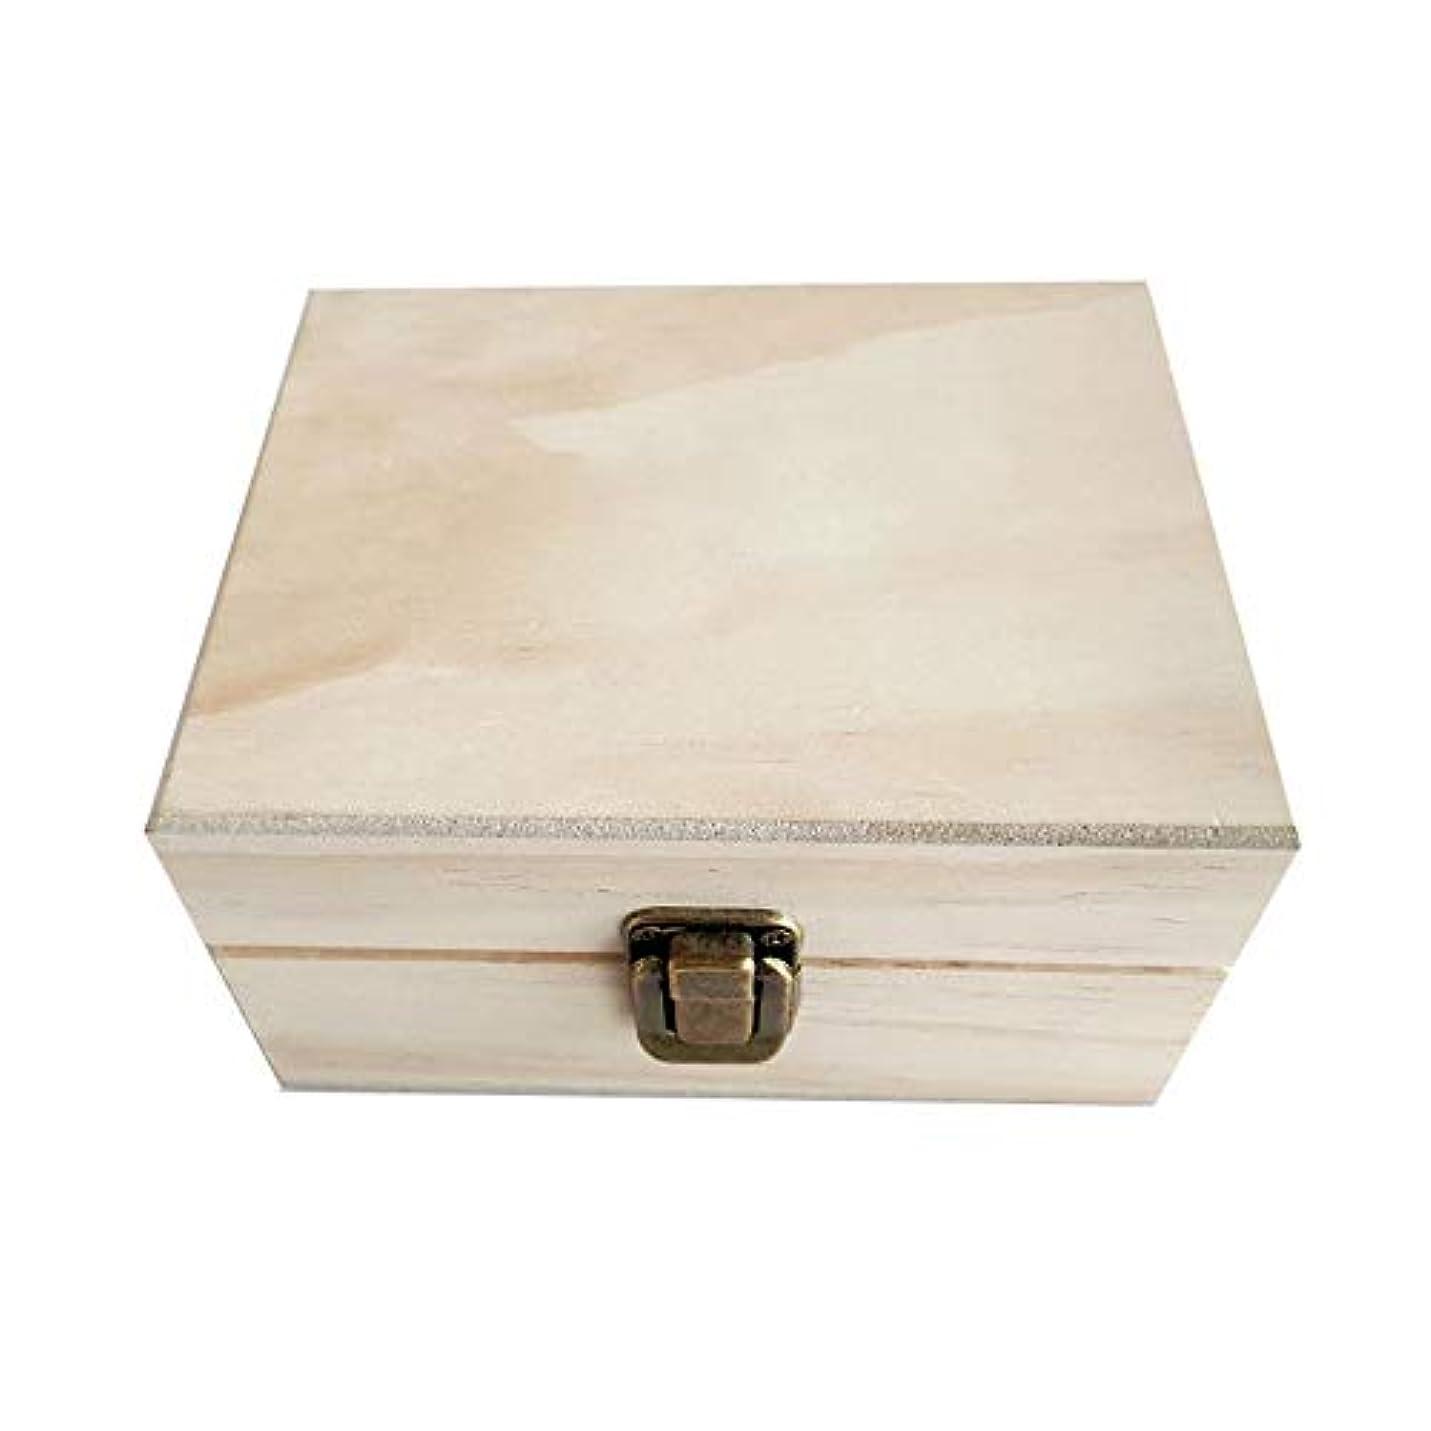 フリース誓約バイソンアロマセラピー収納ボックス 12本のボトルオイル、省スペースのストレージスロットオイルボックス木箱 エッセンシャルオイル収納ボックス (色 : Natural, サイズ : 15X12X8.5CM)